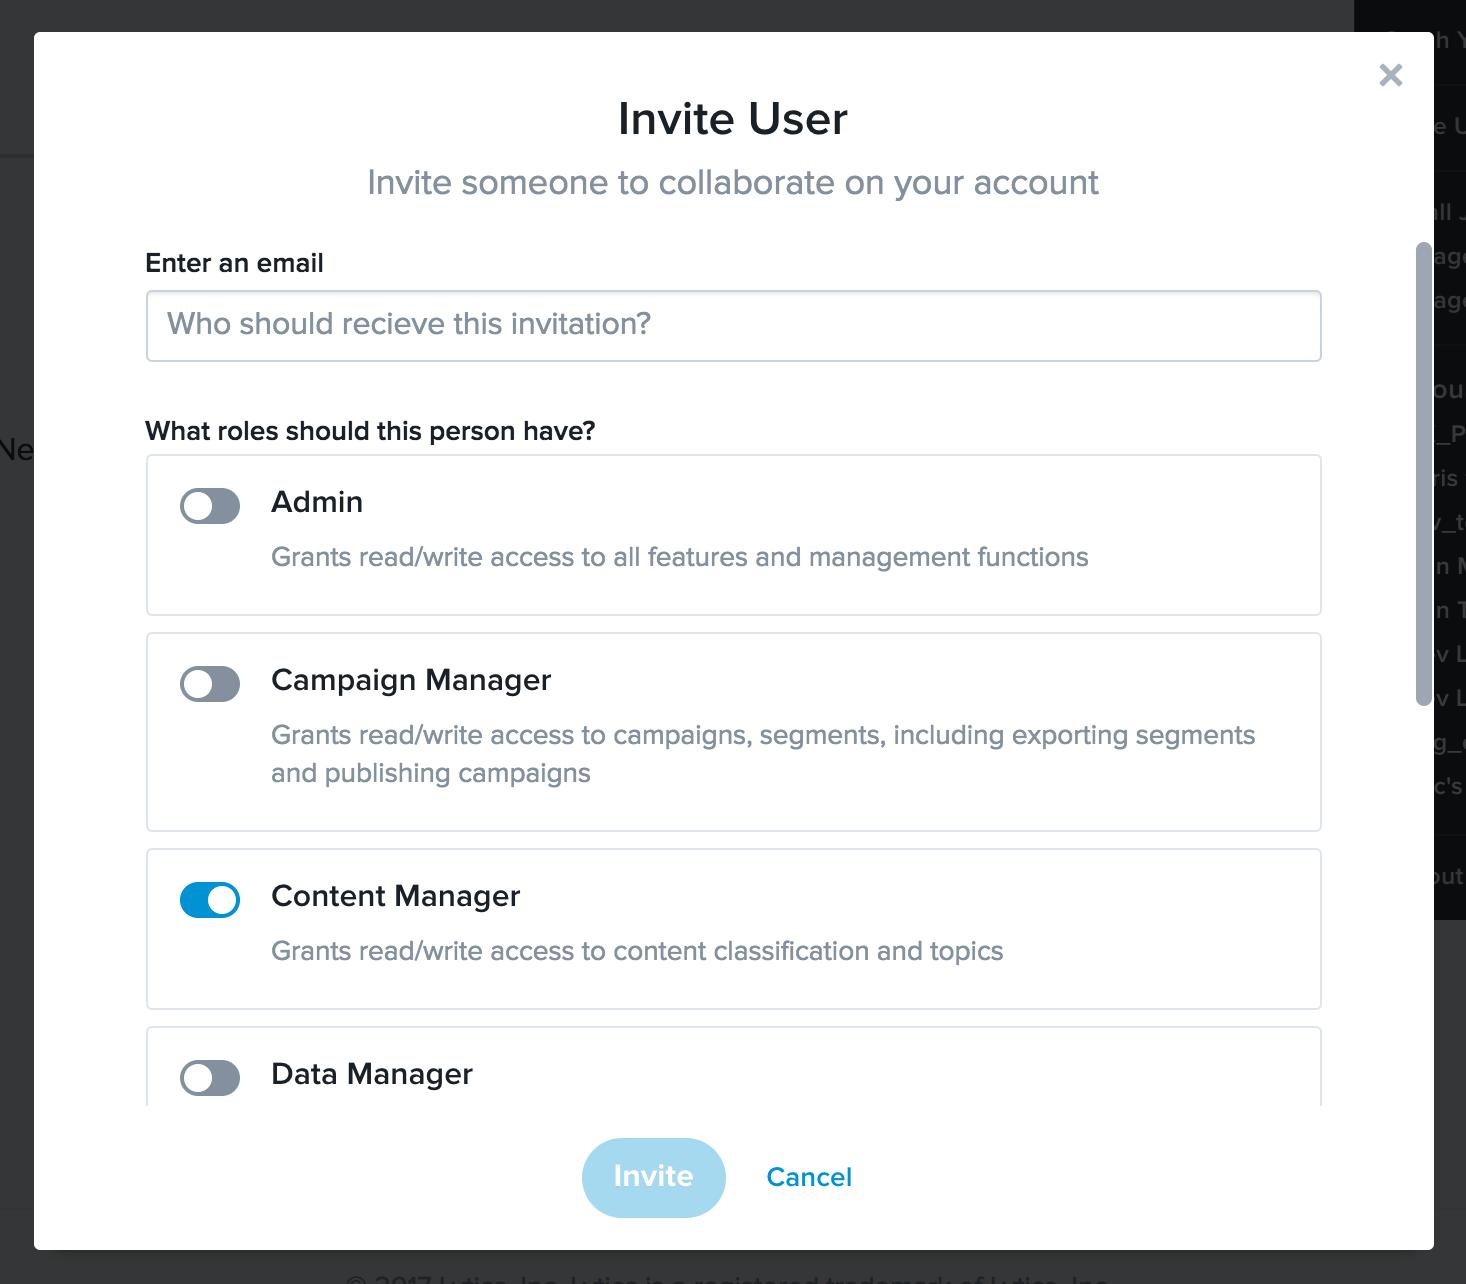 The invite user modal